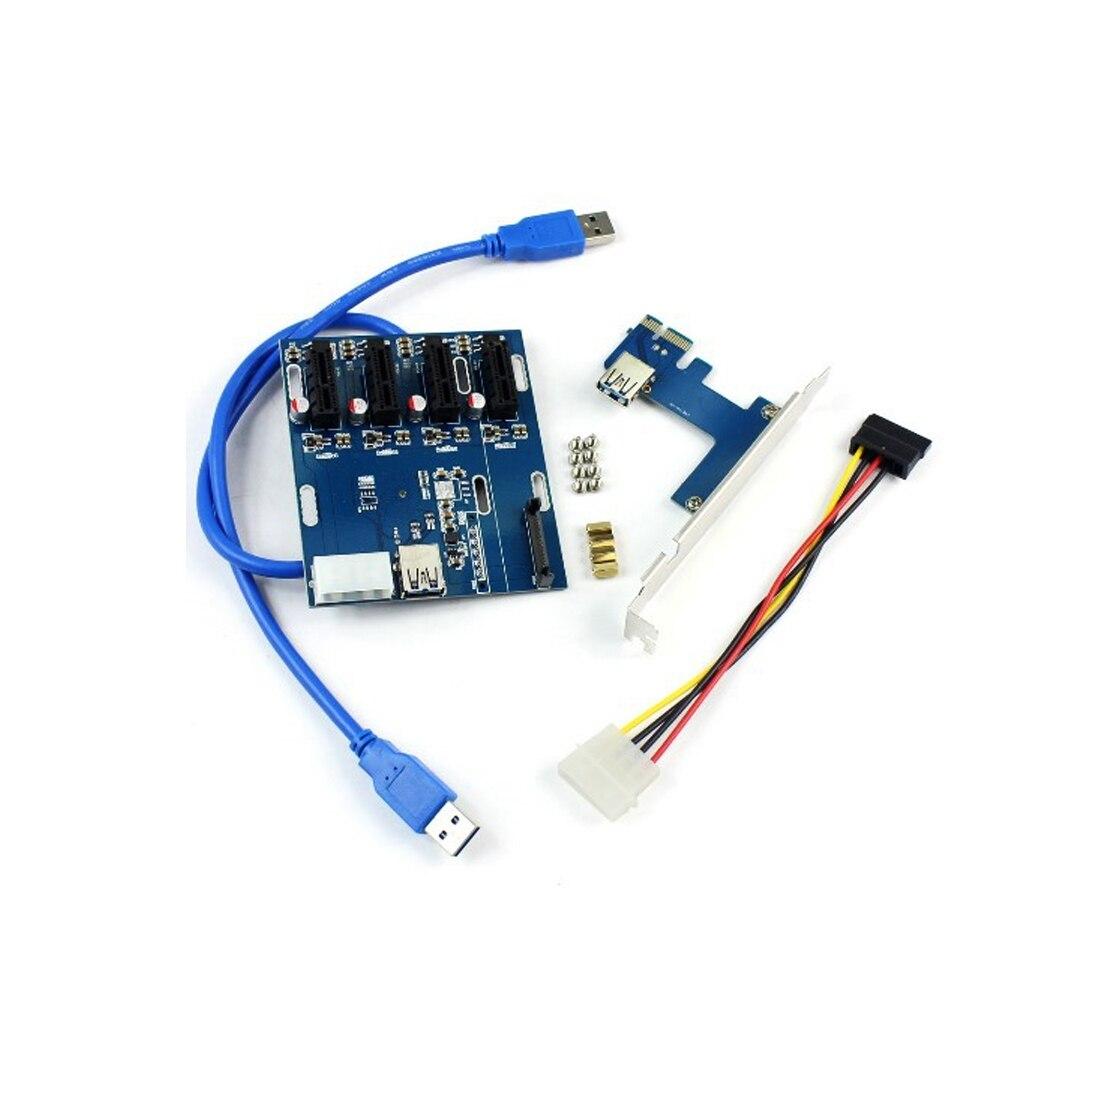 Nouveau ajouter des cartes PCIe 1 à 4 emplacements PCI express 1X carte Riser Mini ITX vers externe 4 adaptateur de slot PCI-e carte multiplicateur de Port PCIe